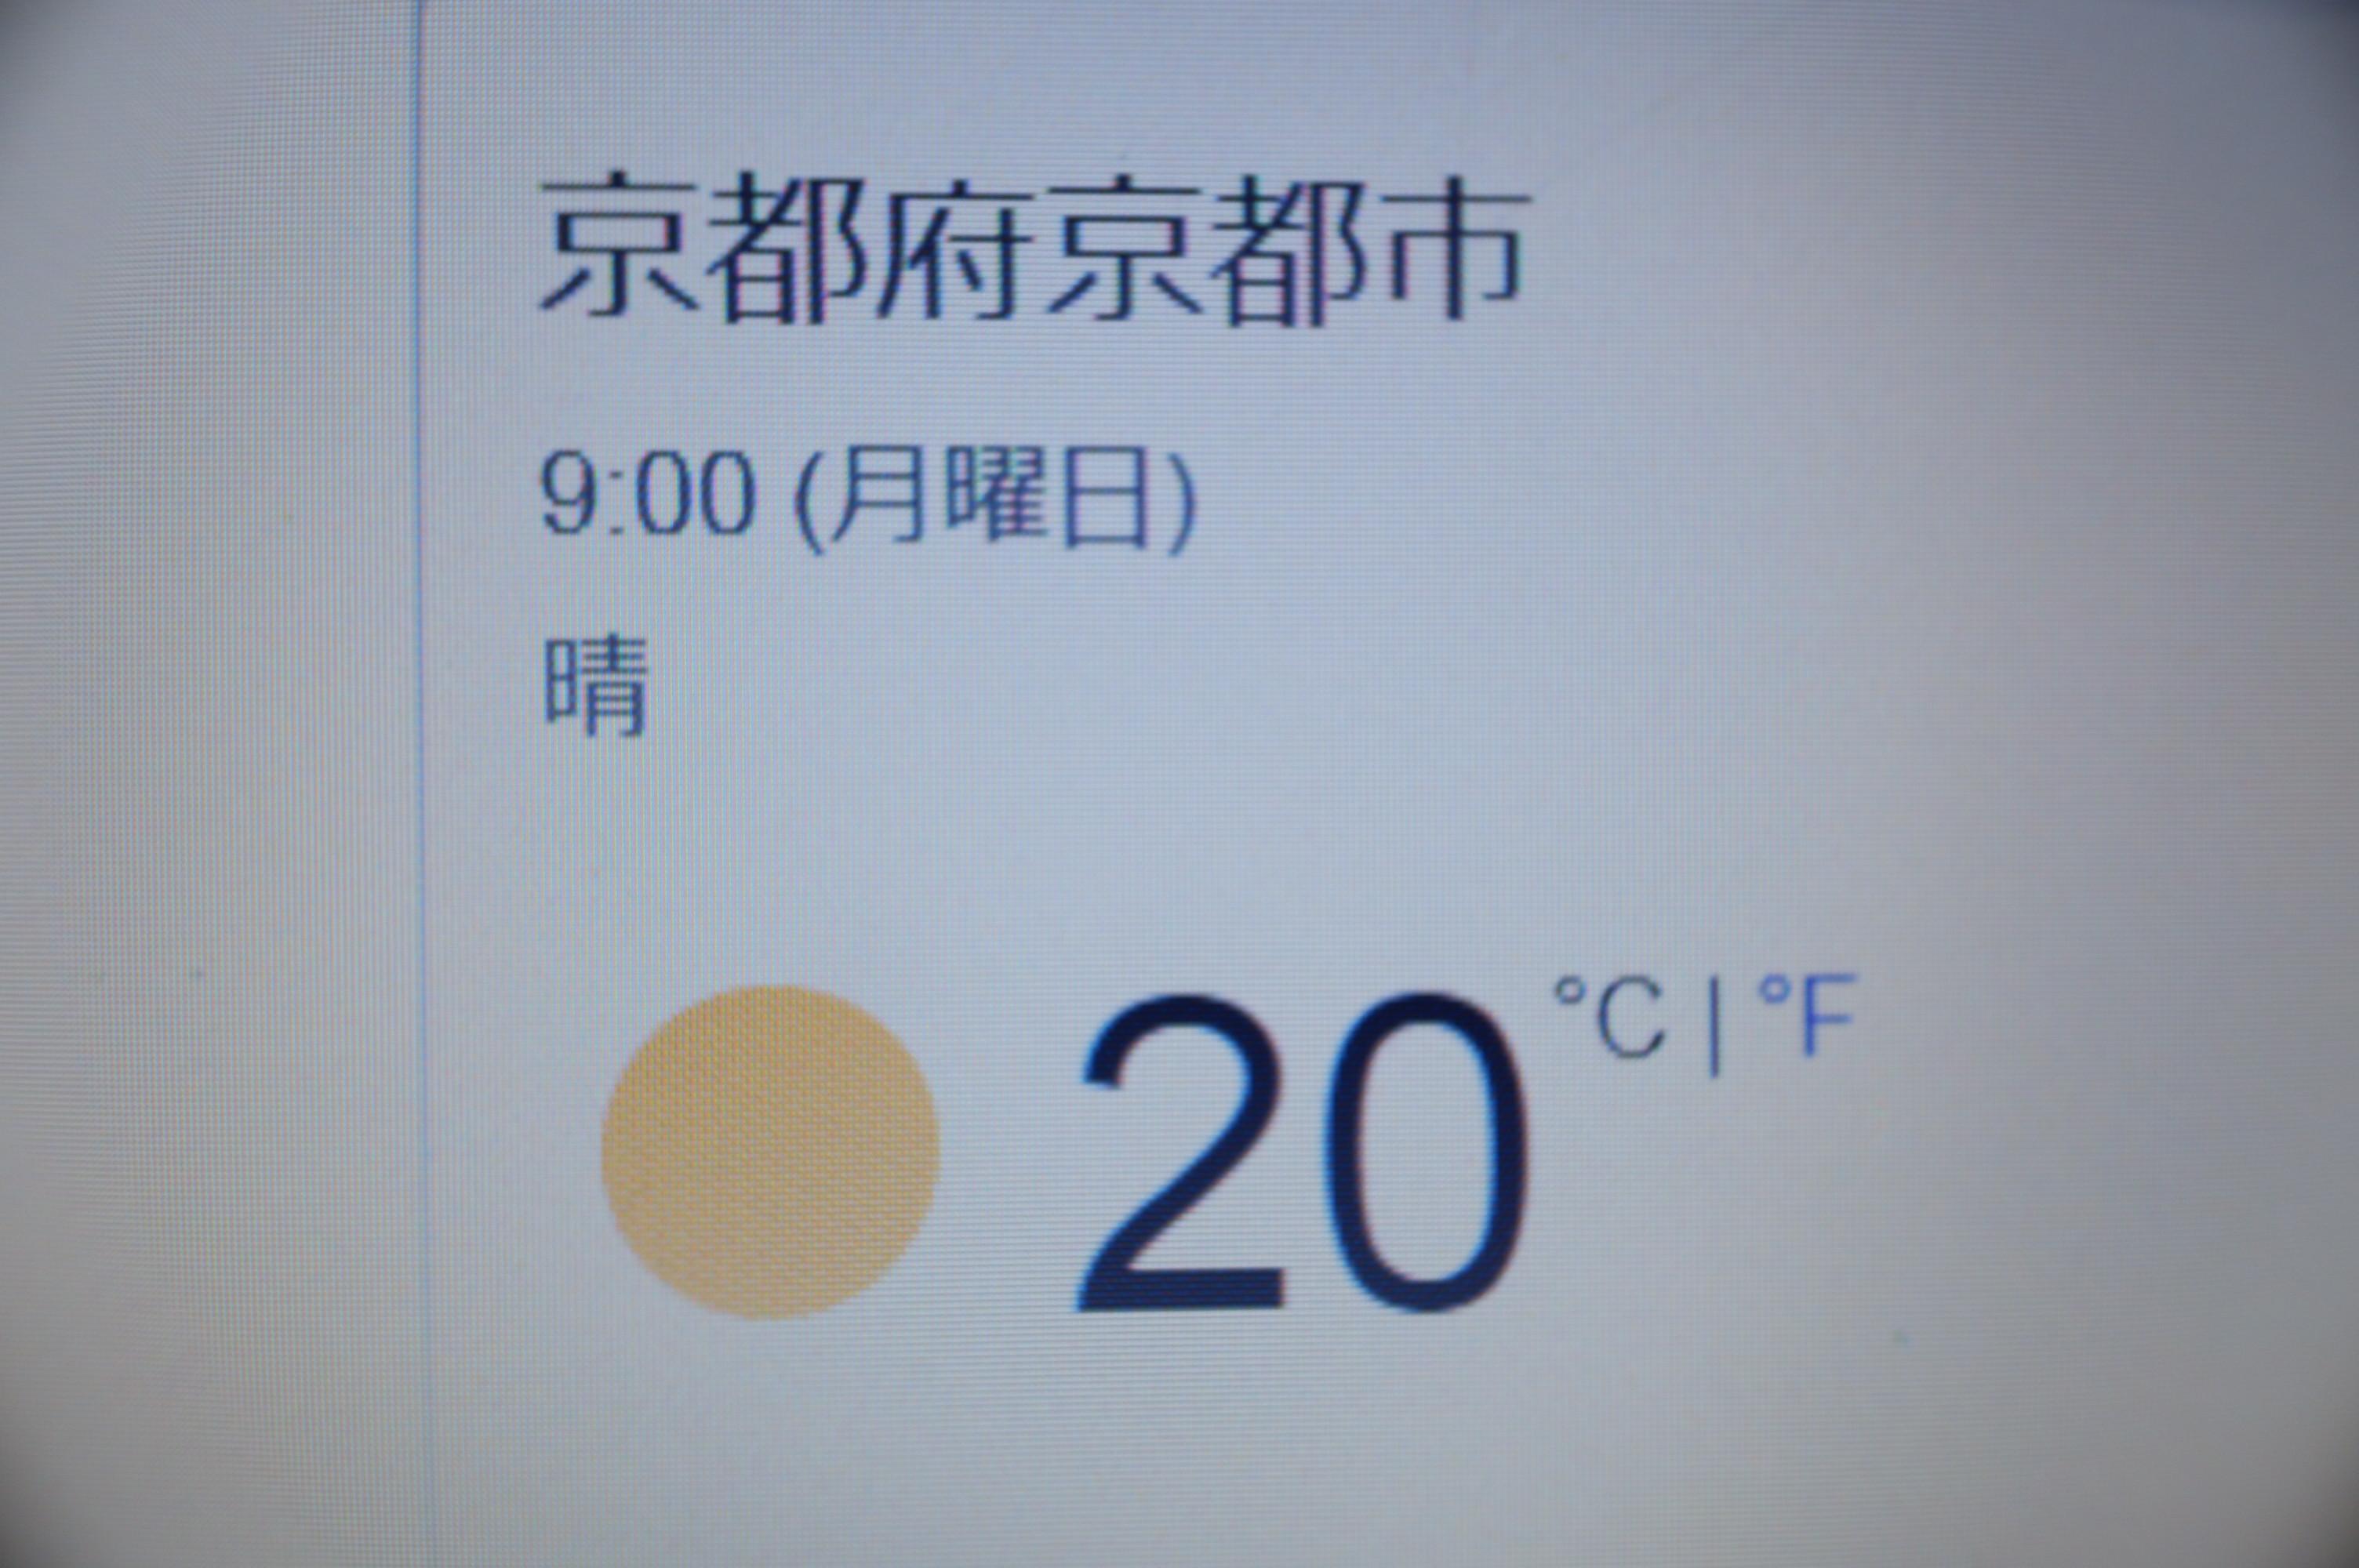 20051802.jpg